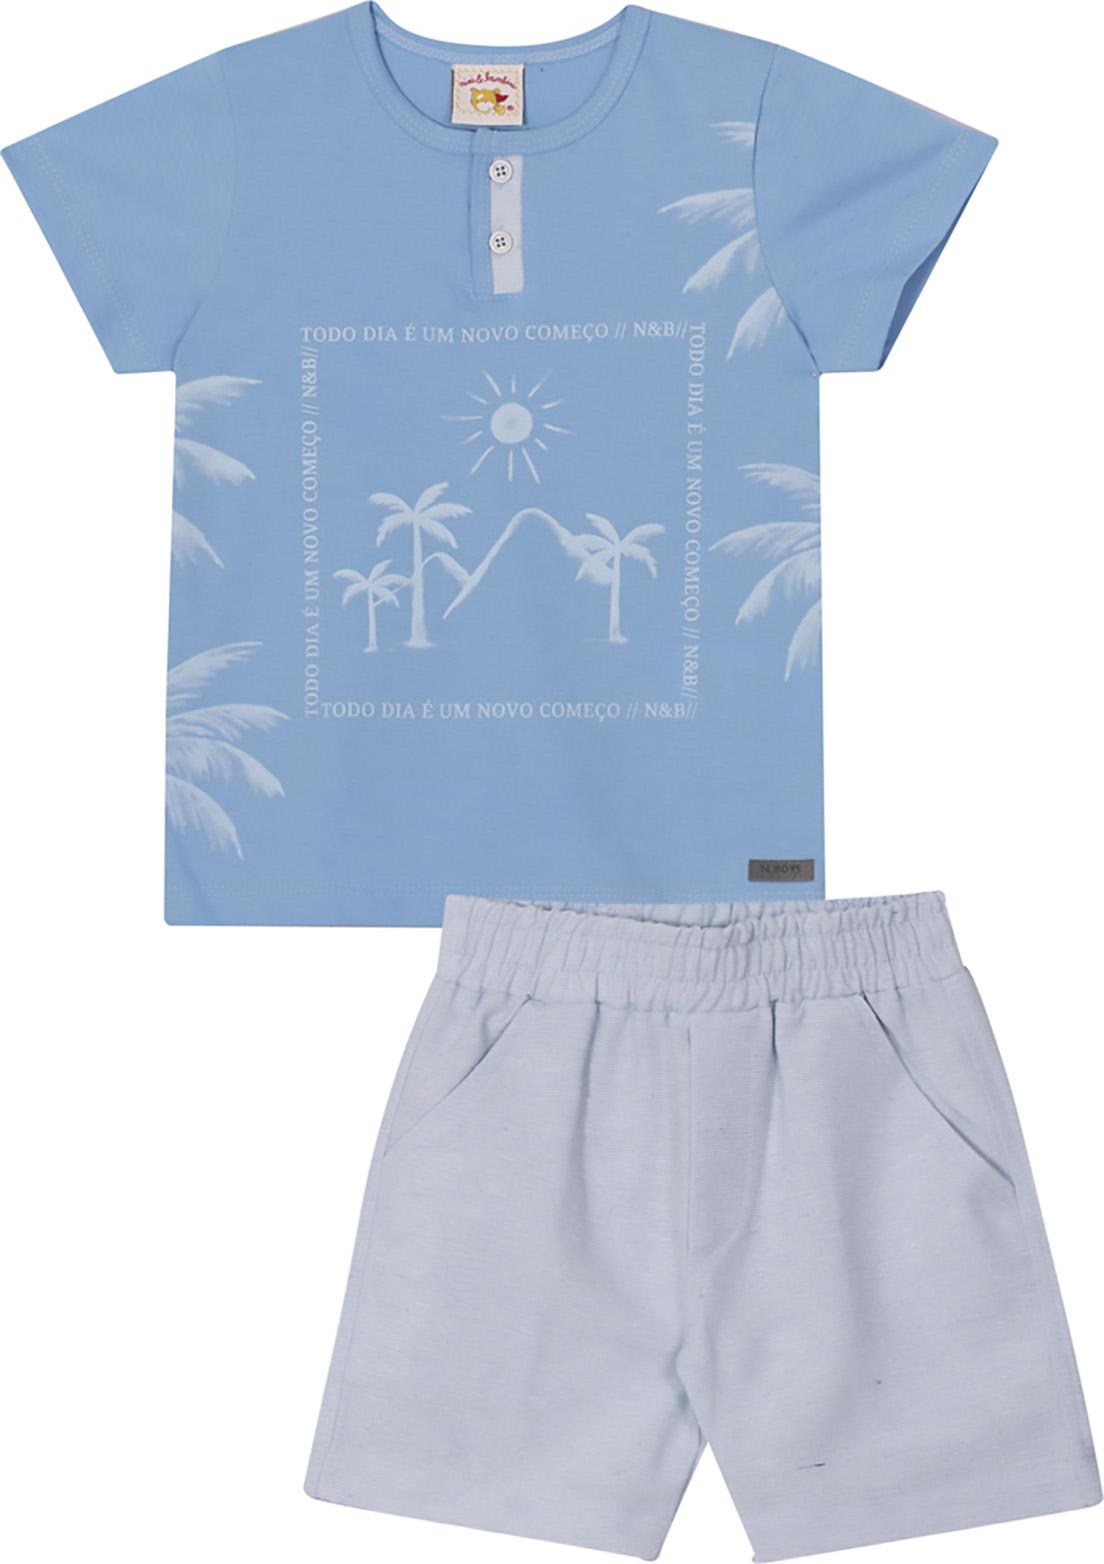 Conjunto Infantil Camiseta e Bermuda em tecido Linen Nini&Bambini  Coqueiros Azul